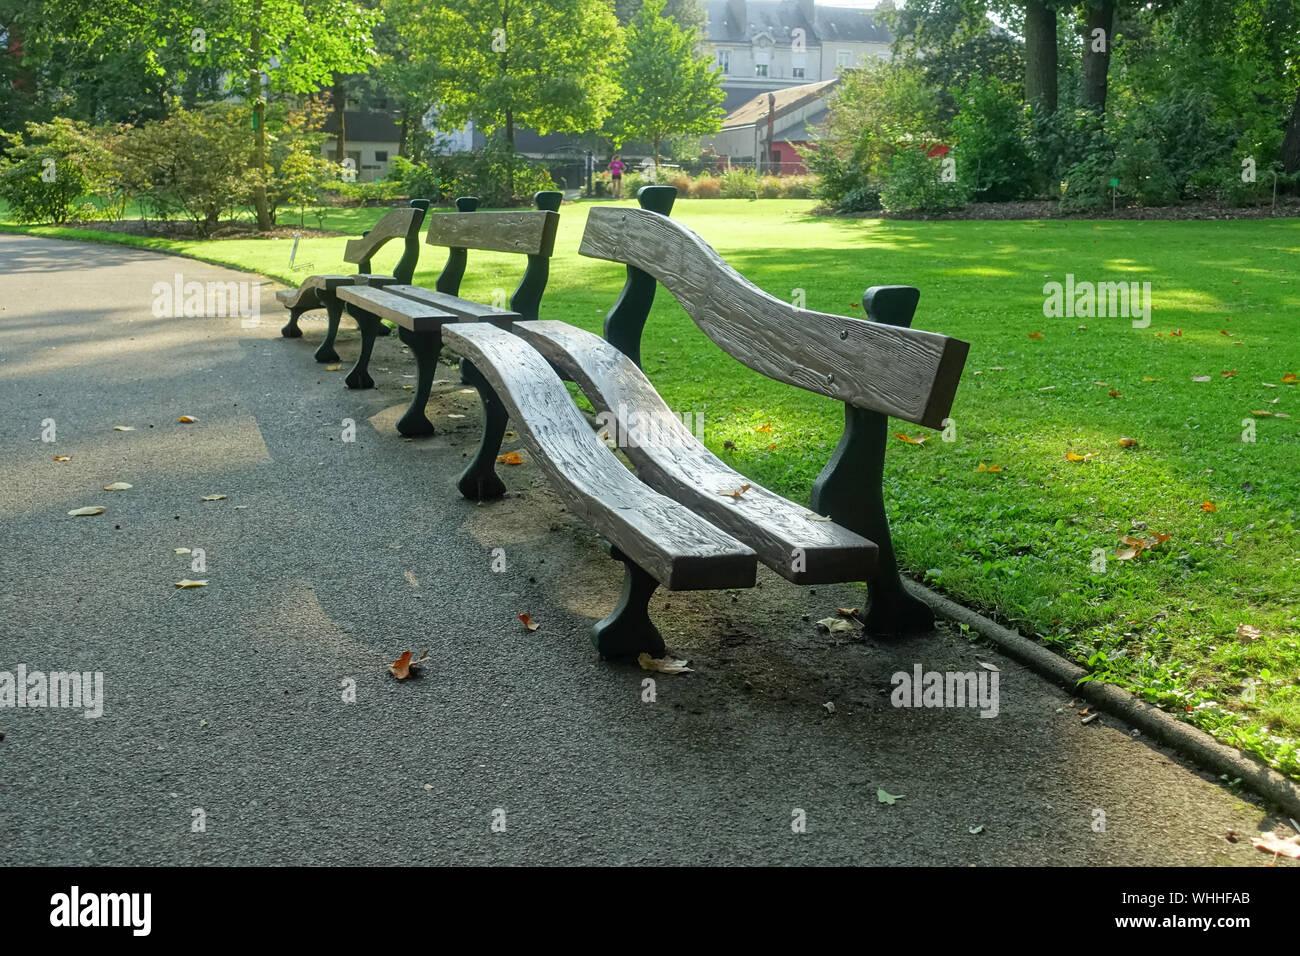 Nantes, Jardin des Plantes, les Togobans von Claude Ponti ...